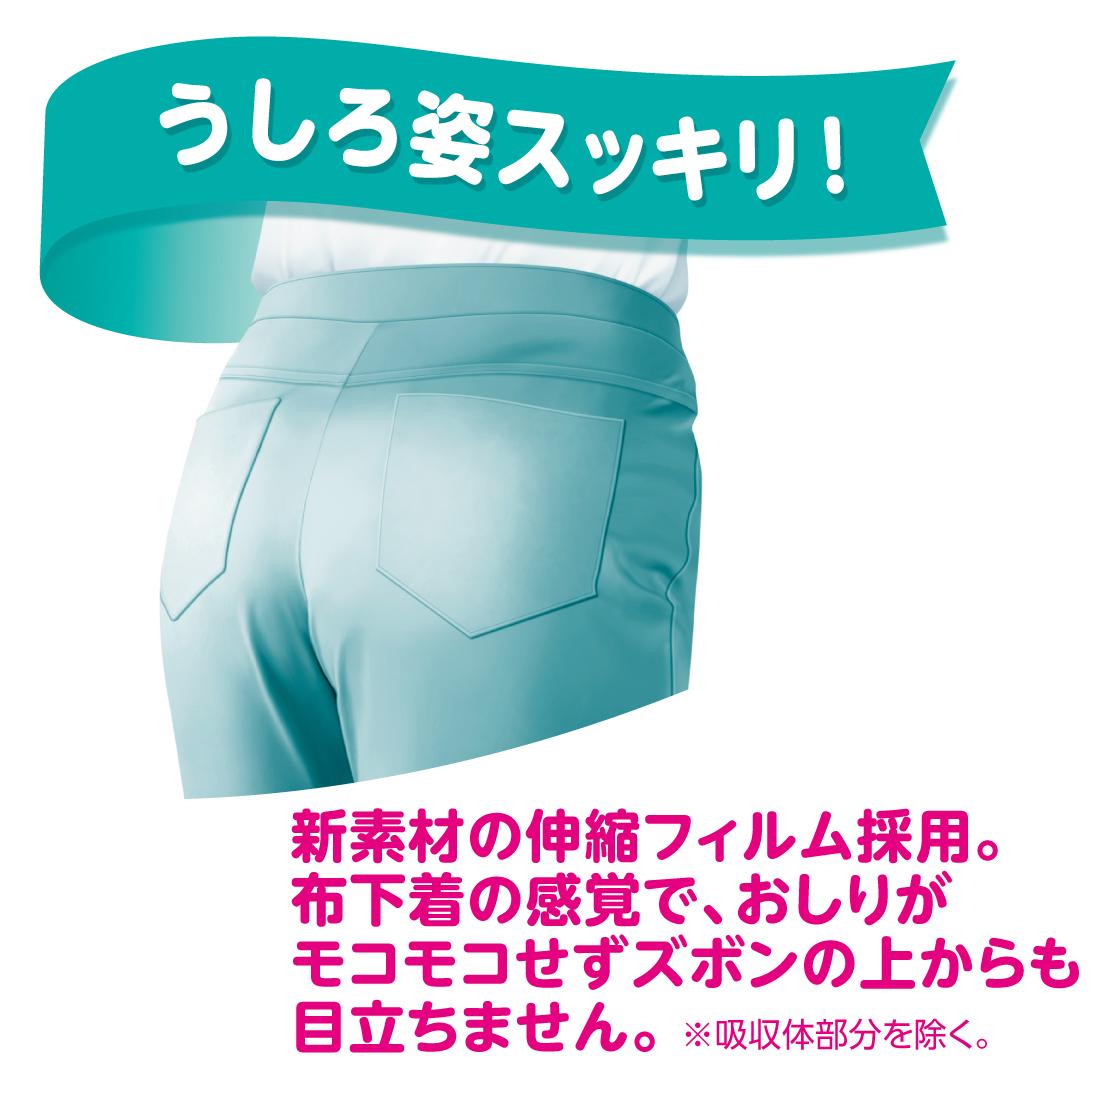 アテントスポーツパンツM 男女共用